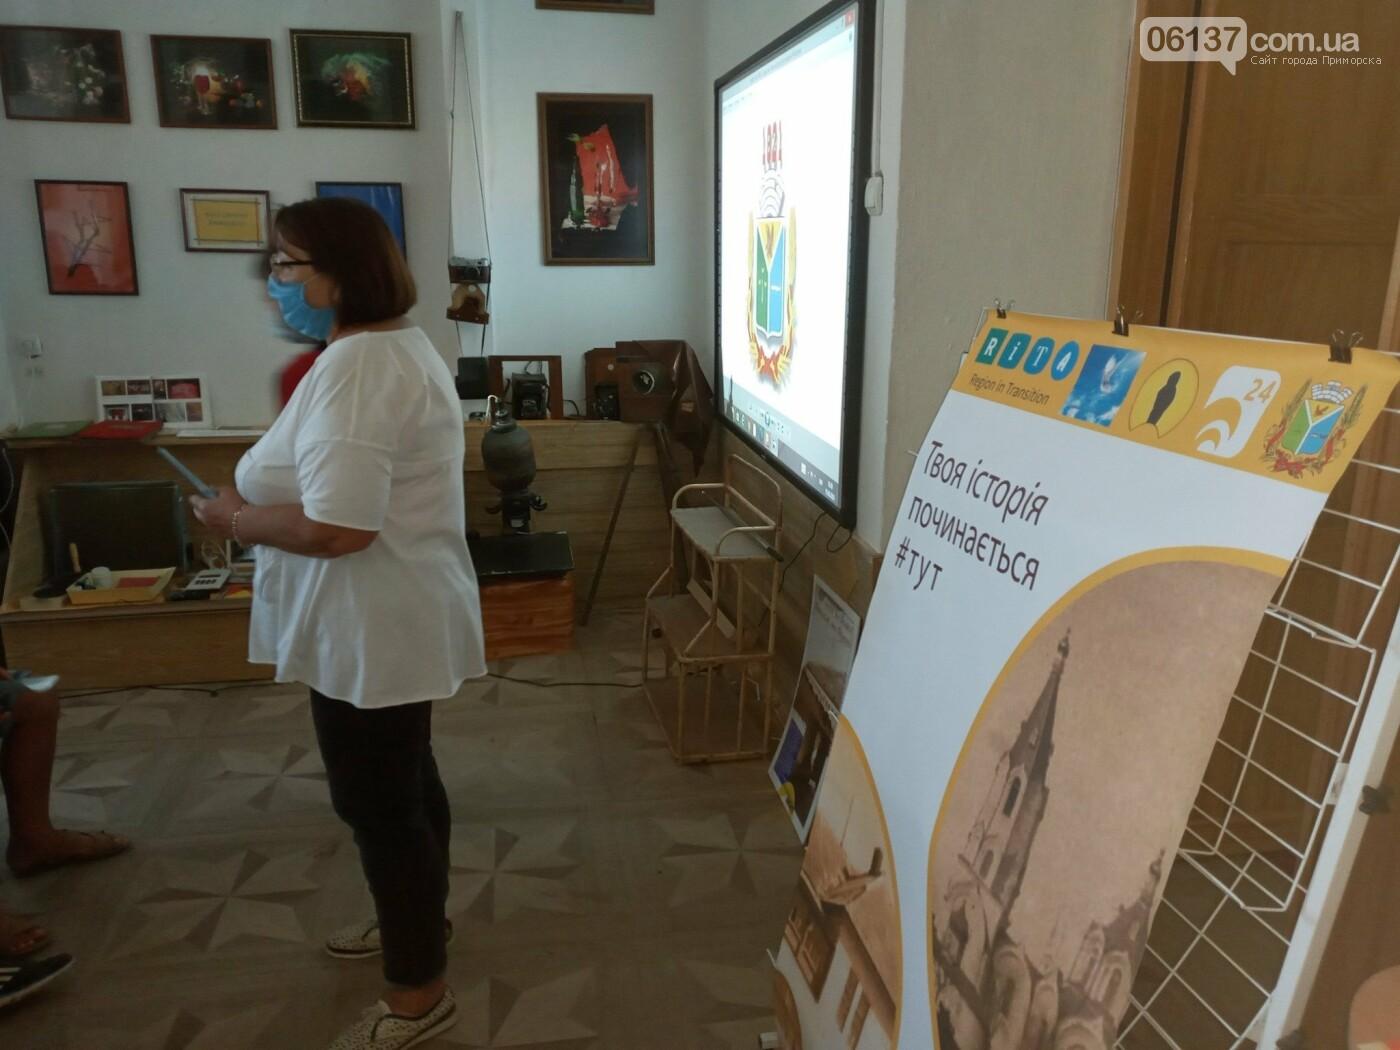 """Інтерактивні уроки в Приморському краєзнавчому музеї проходять в рамках проєкту """"Твоя історія починається тут"""", фото-3"""